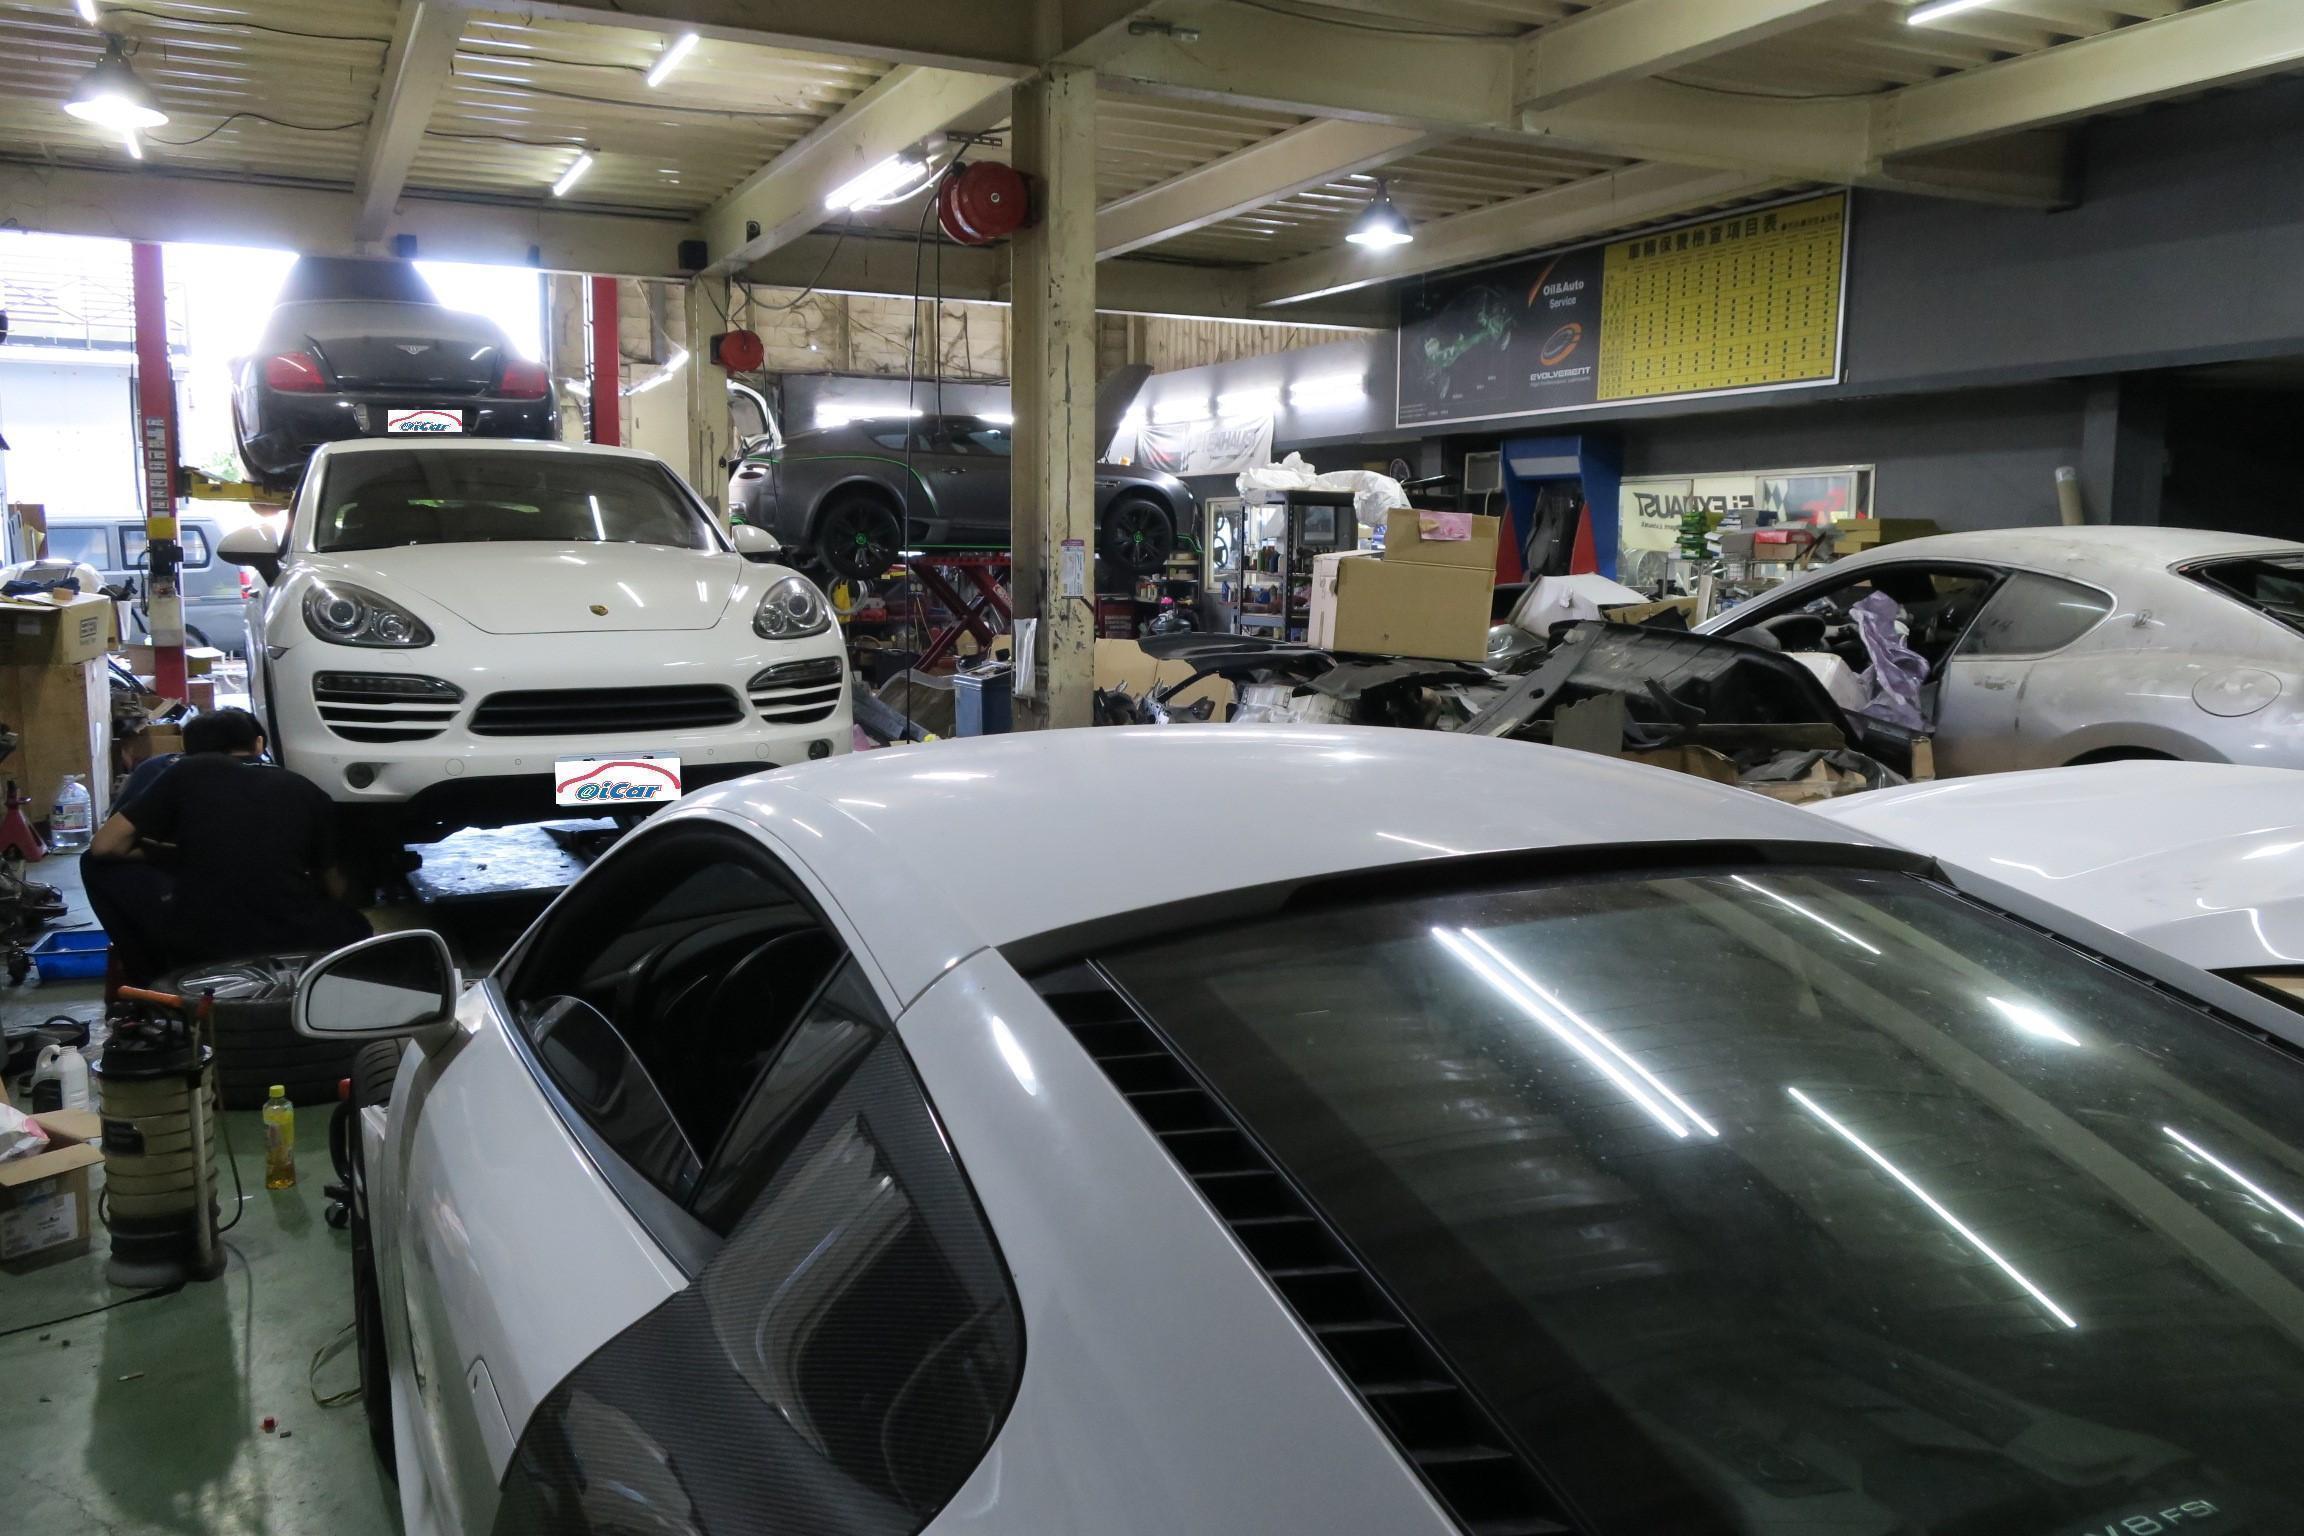 一眼望去只都是歐系與超跑車種,看的出來車主們對奇岩自動車的信任。